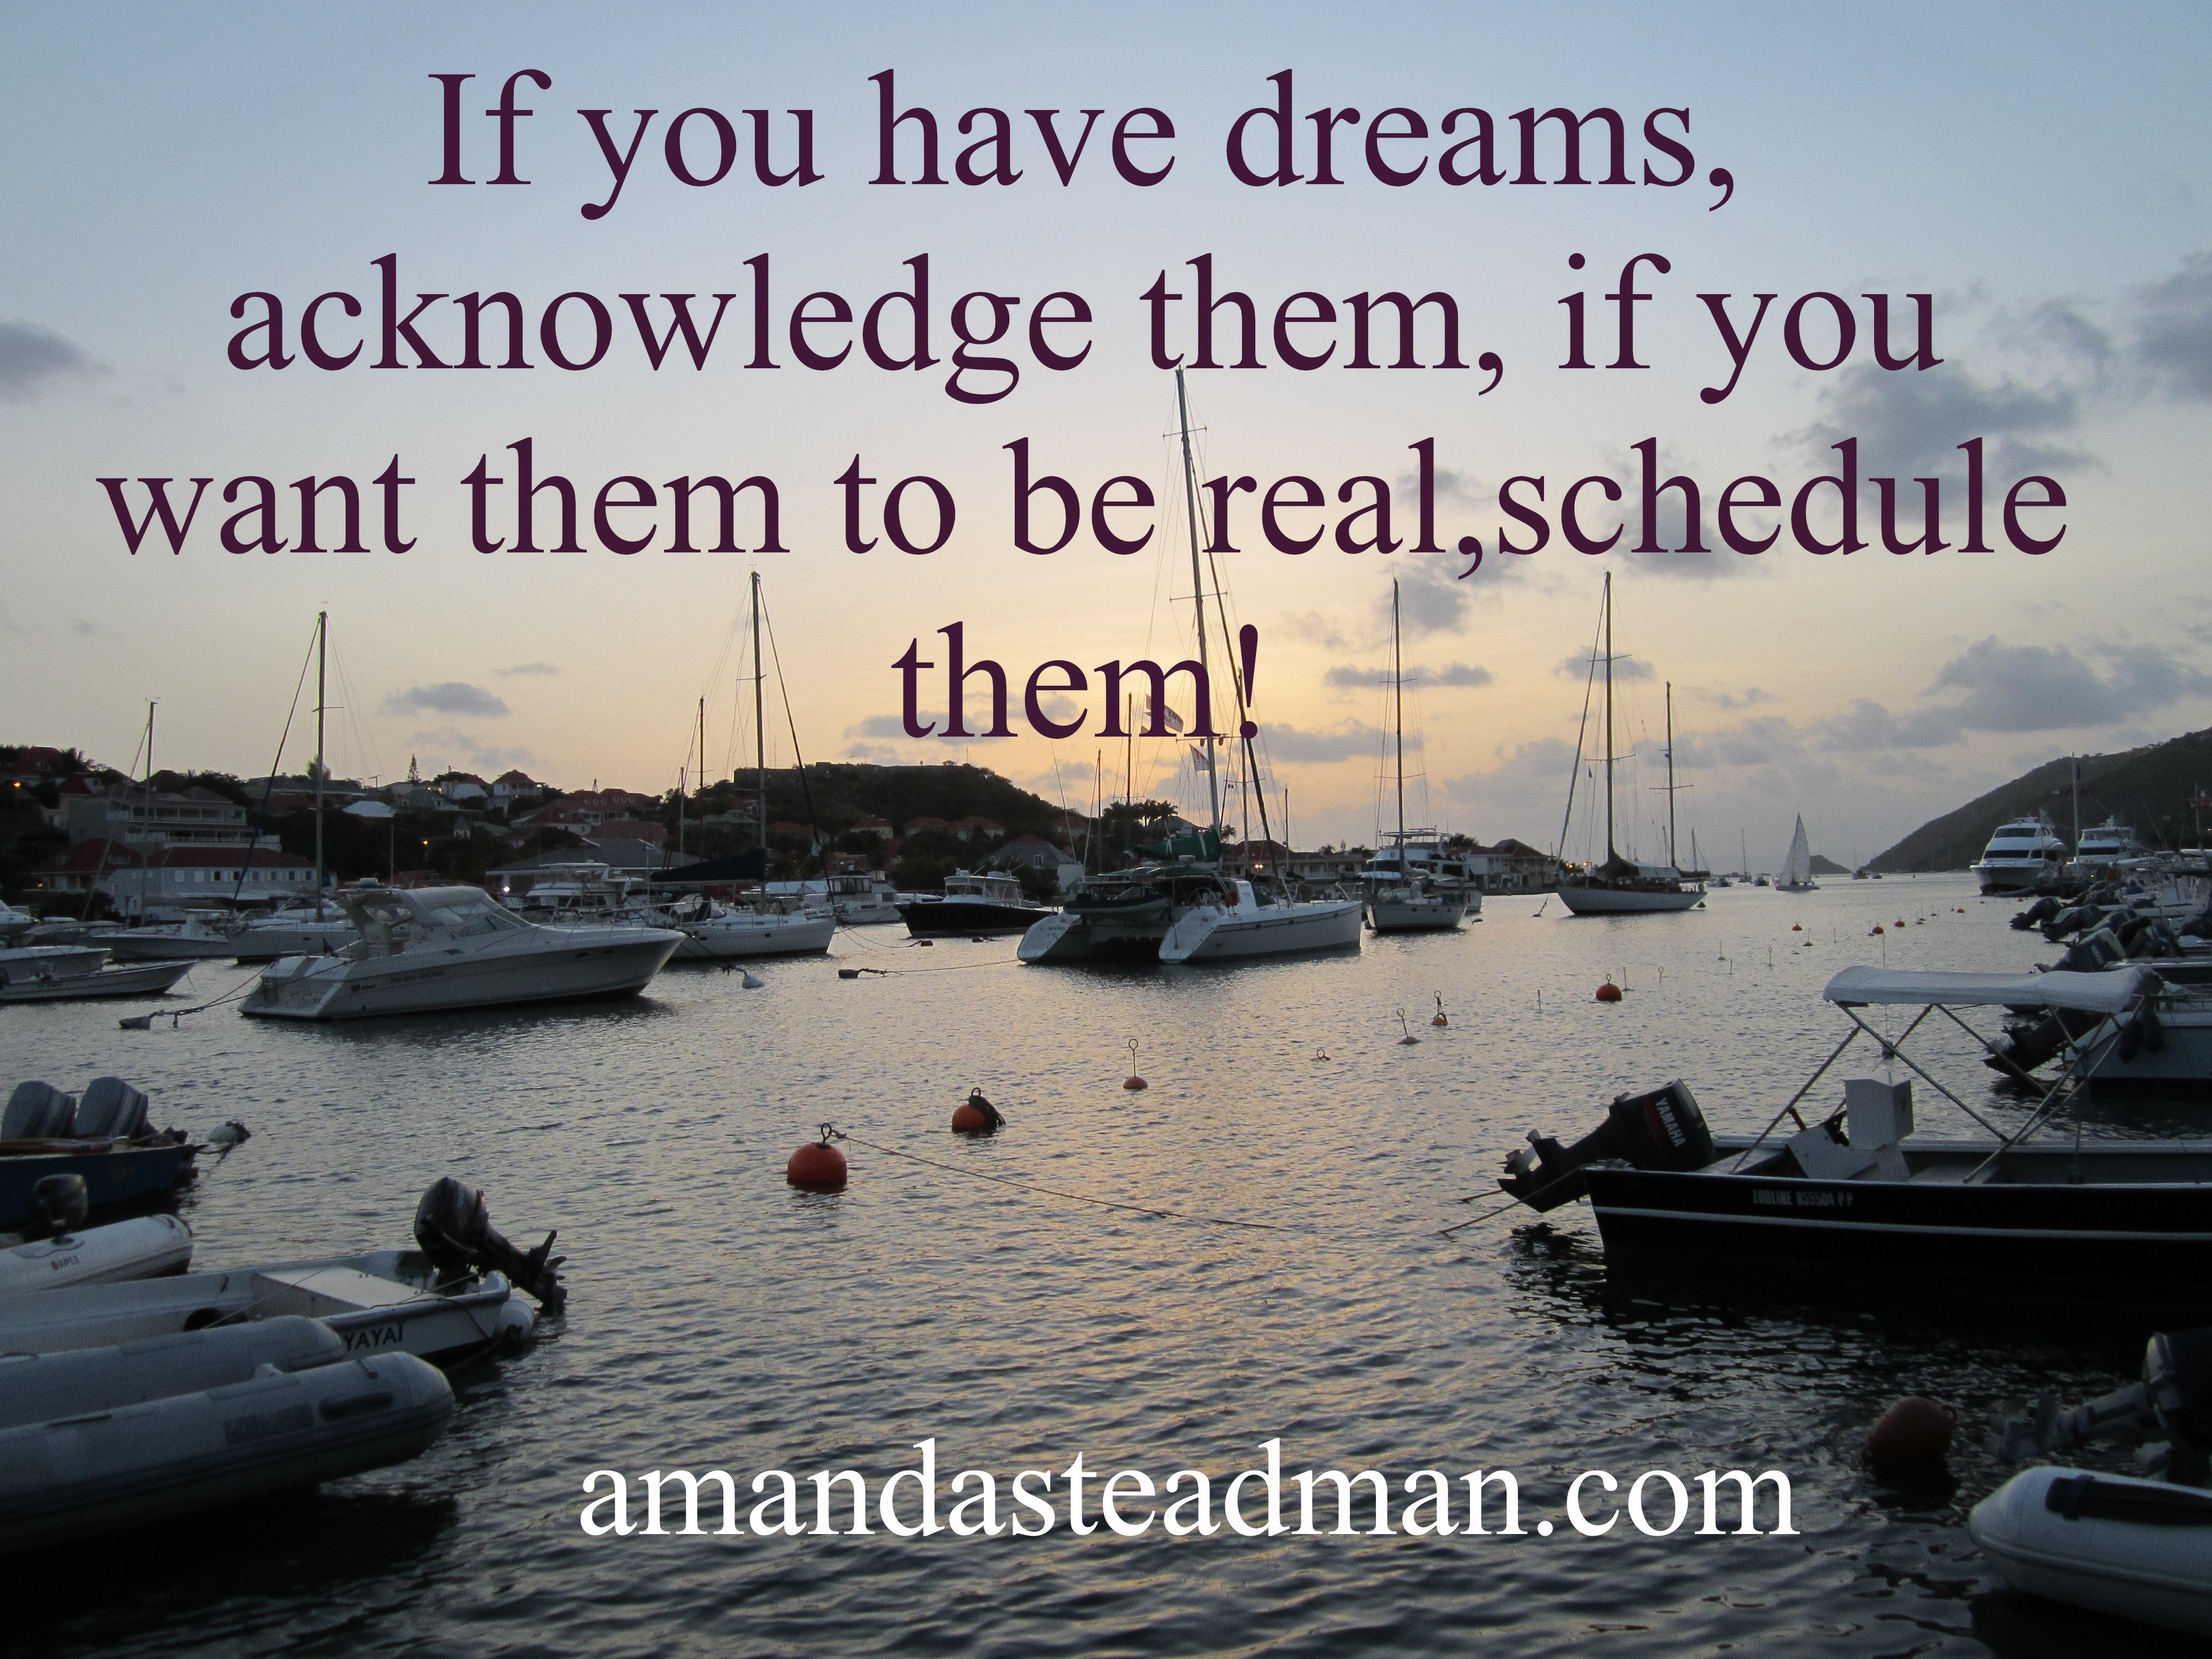 Schedule Your Dreams